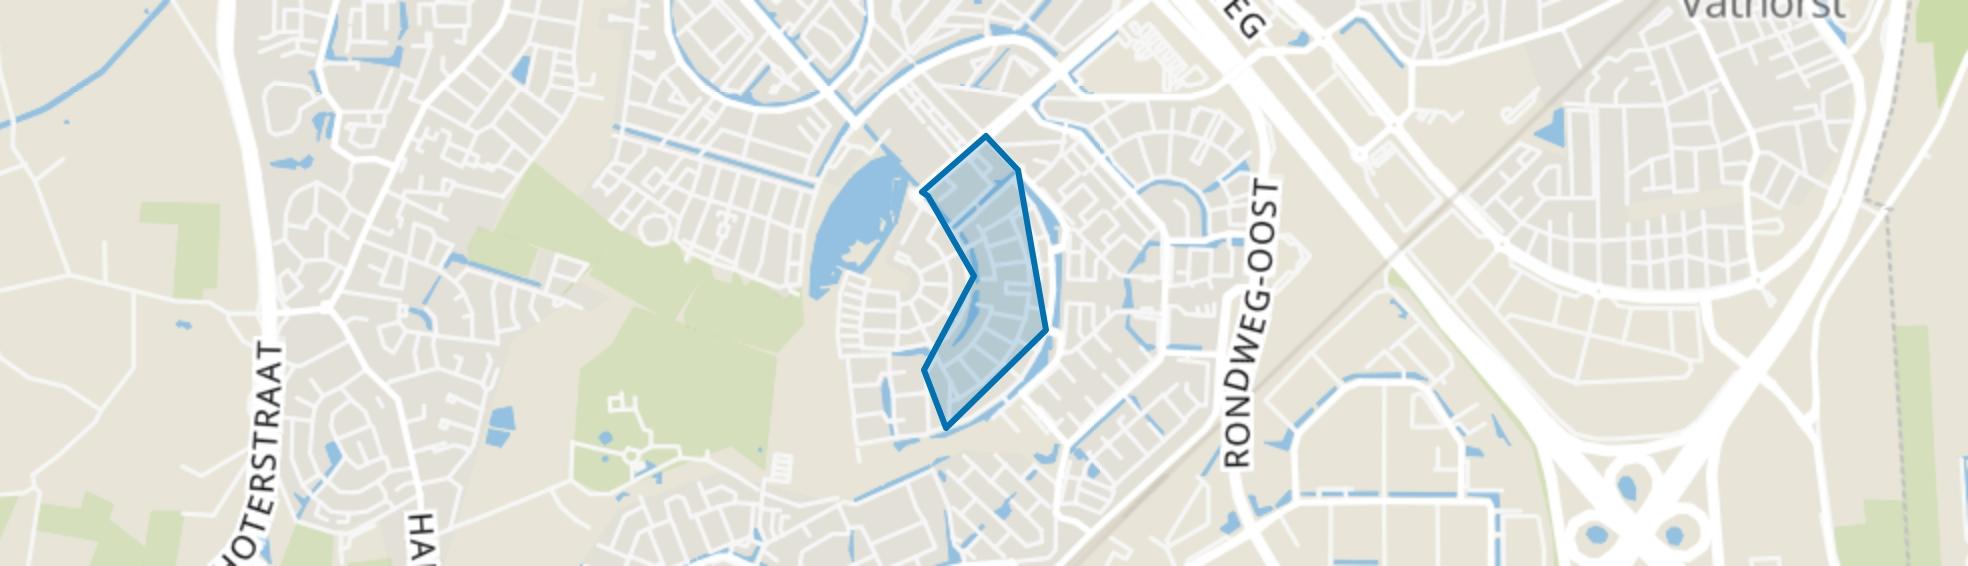 Architectenbuurt-Oost, Amersfoort map